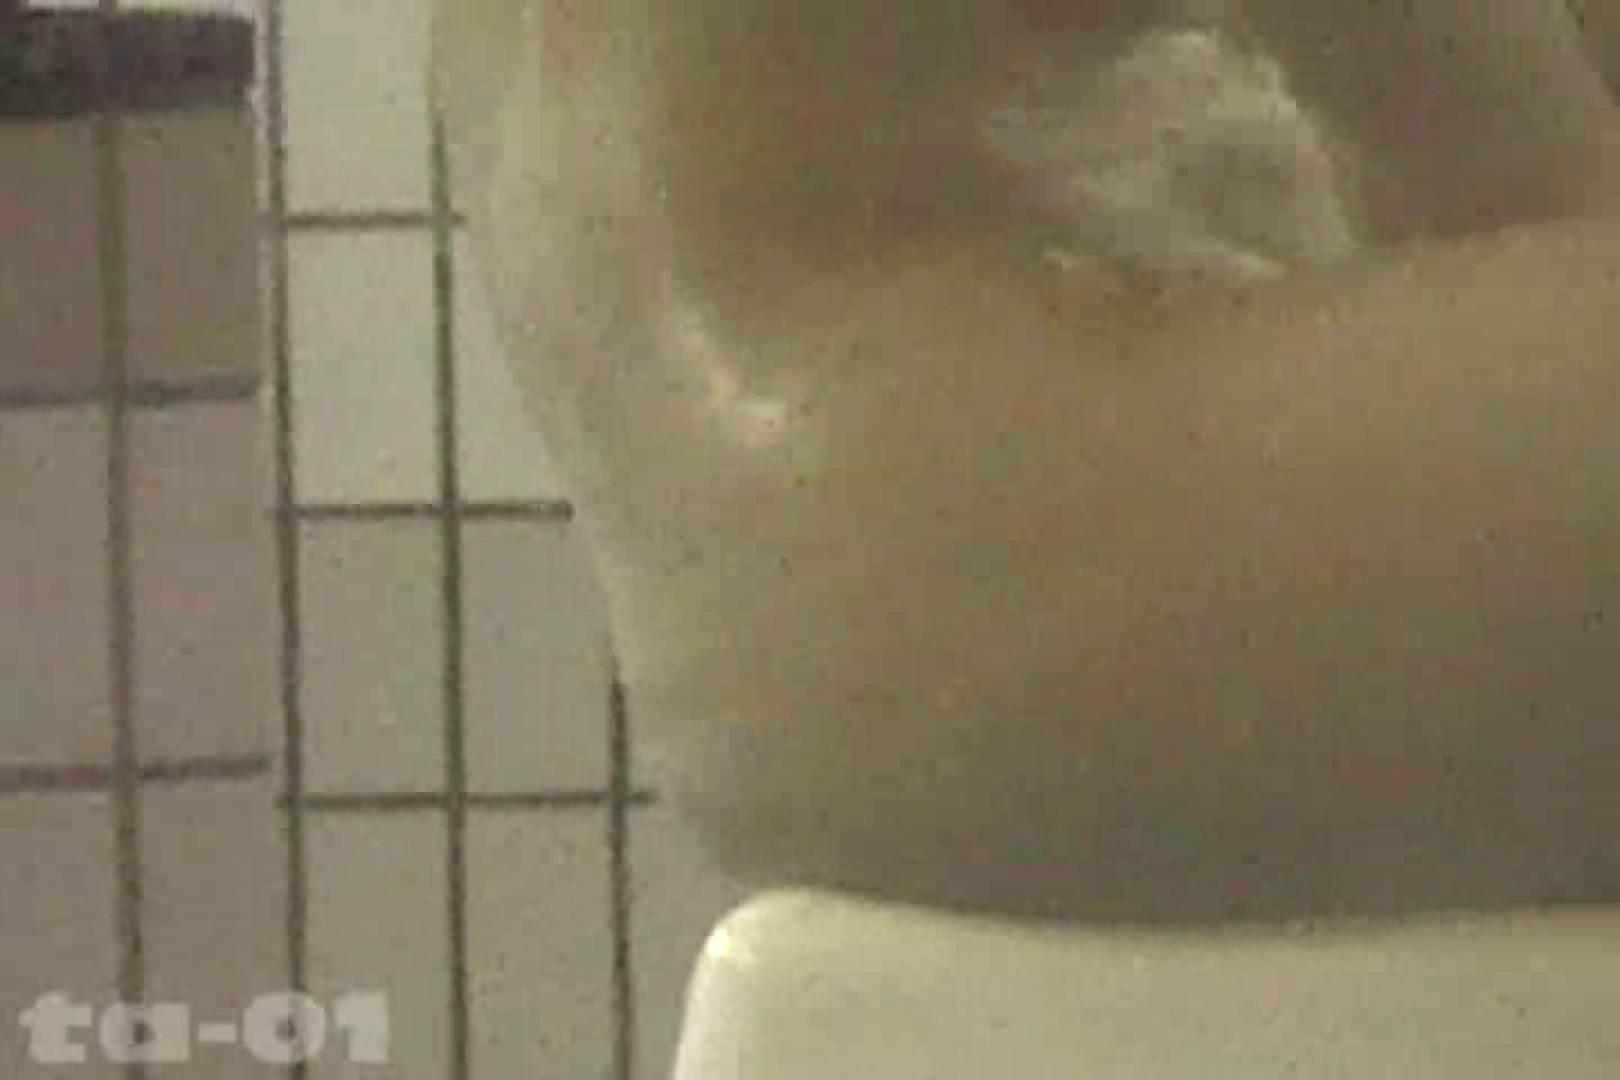 合宿ホテル女風呂盗撮高画質版 Vol.01 合宿 えろ無修正画像 98pic 17